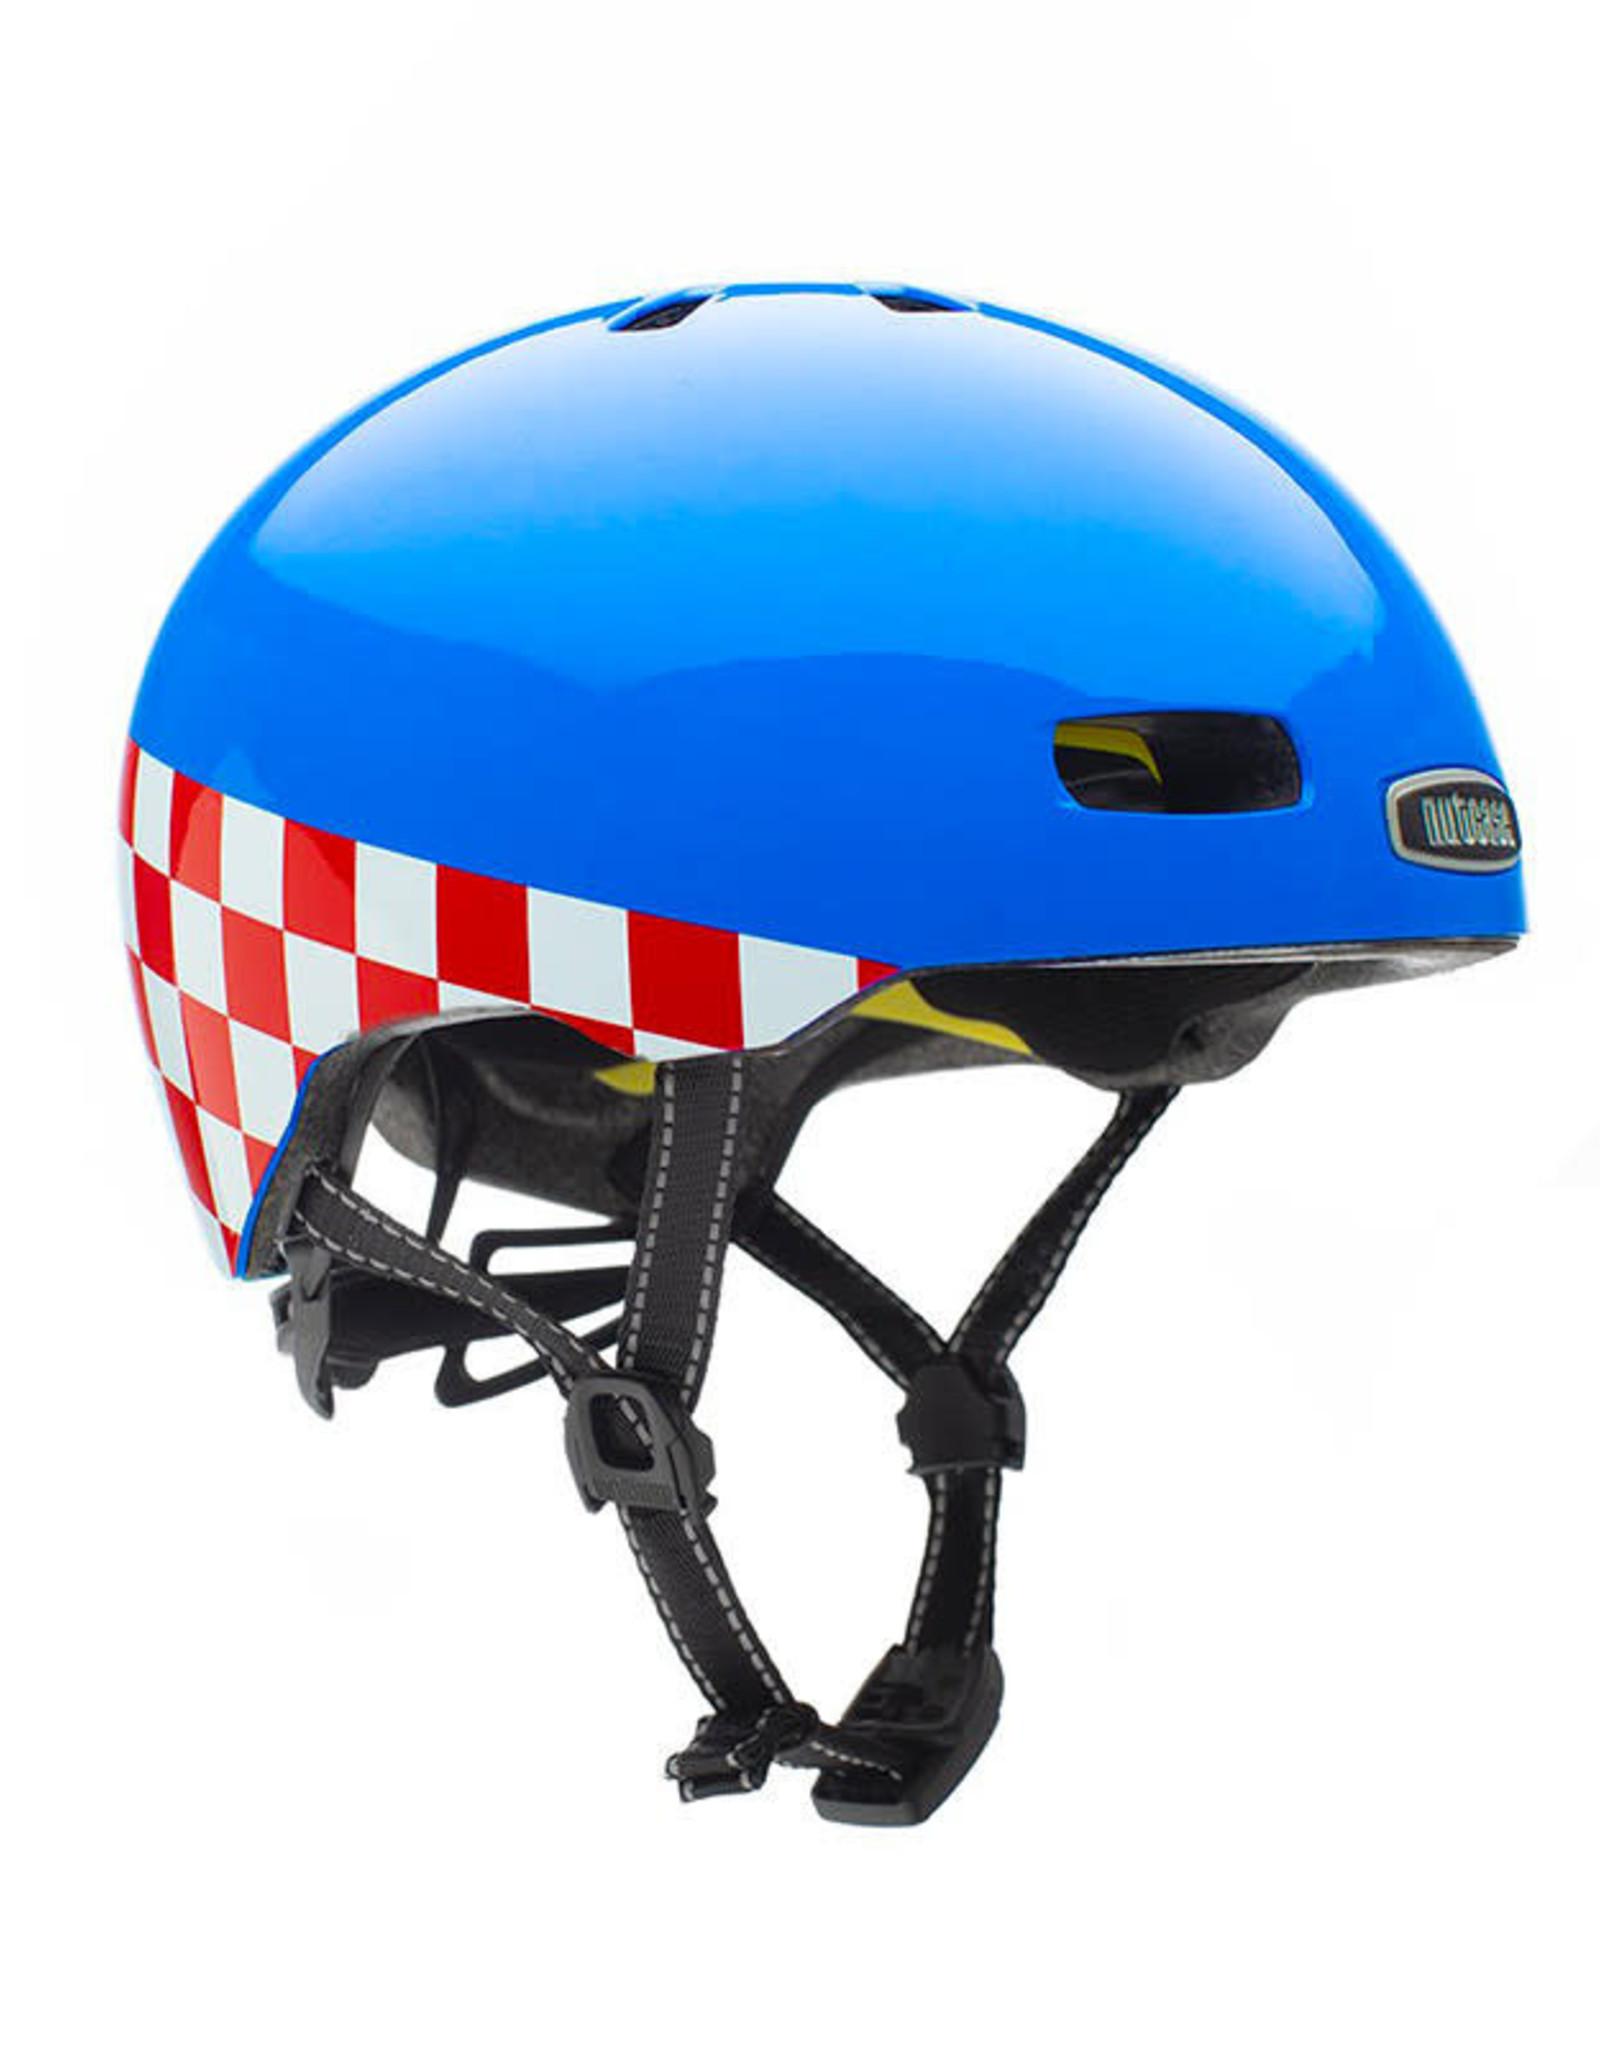 Nutcase Nutcase Check me MIPS helmet M